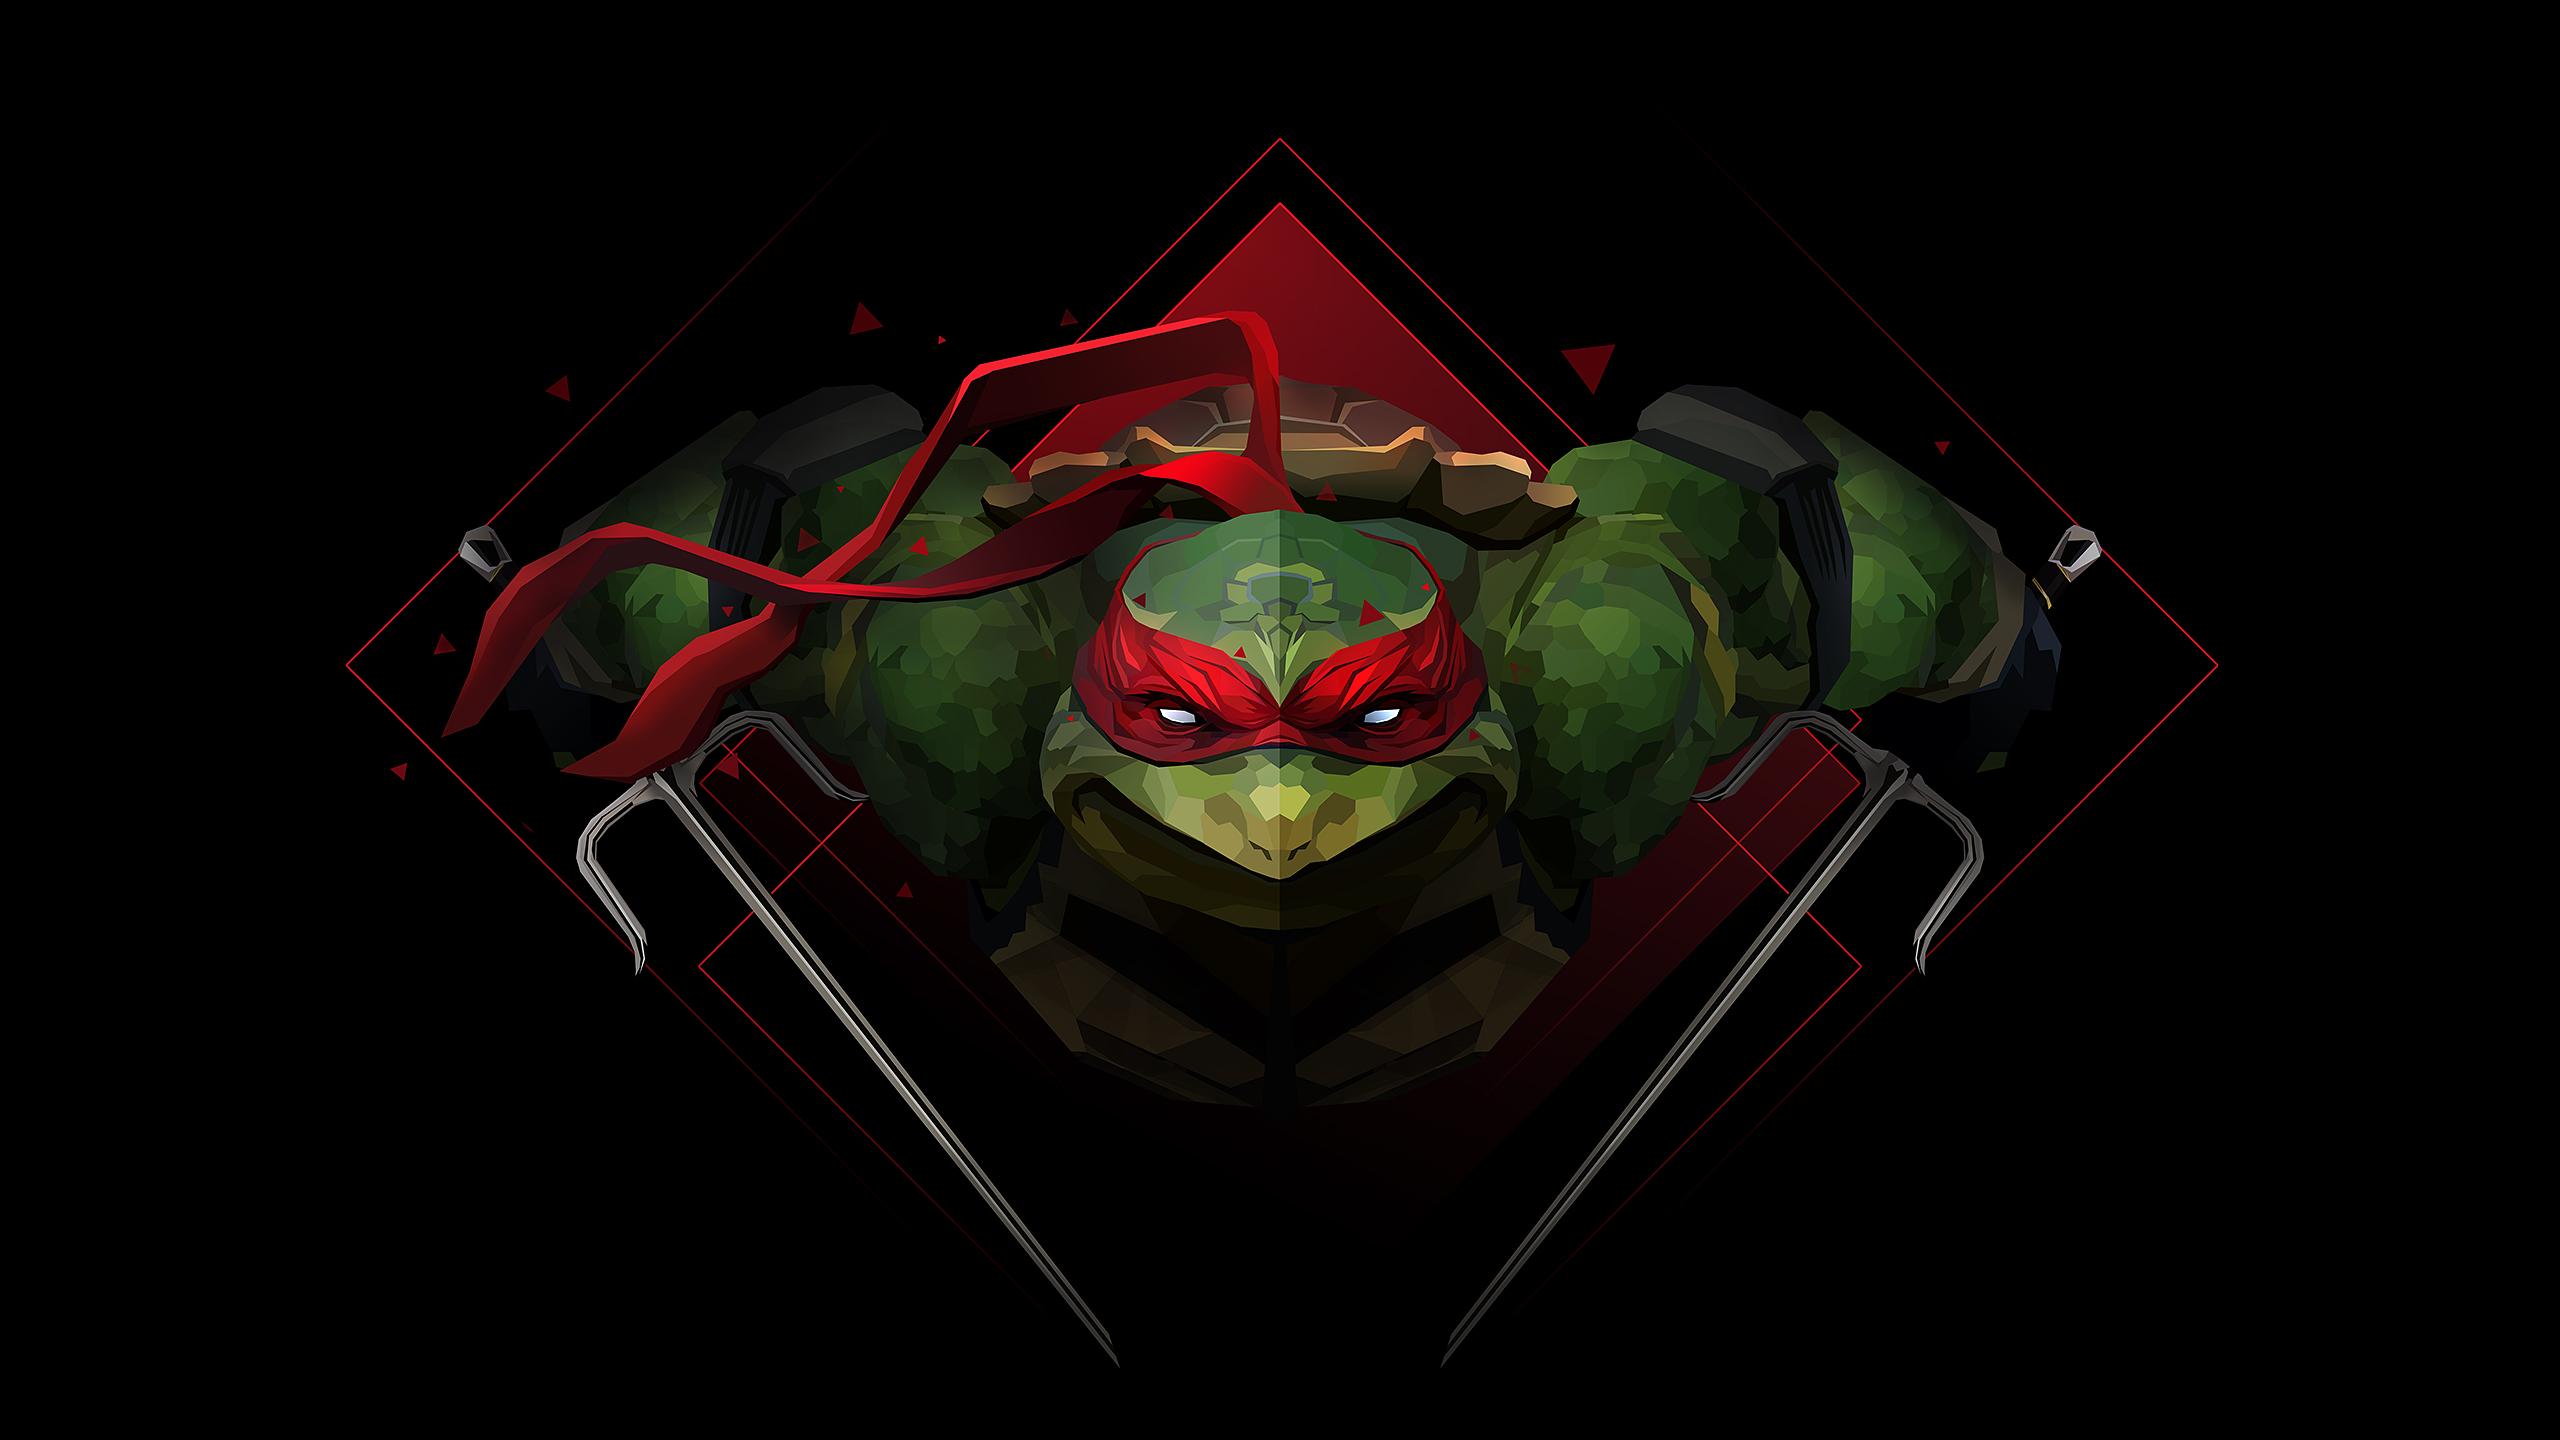 Teenage Mutant Ninja Turtles Minimalism, HD Artist, 4k ...